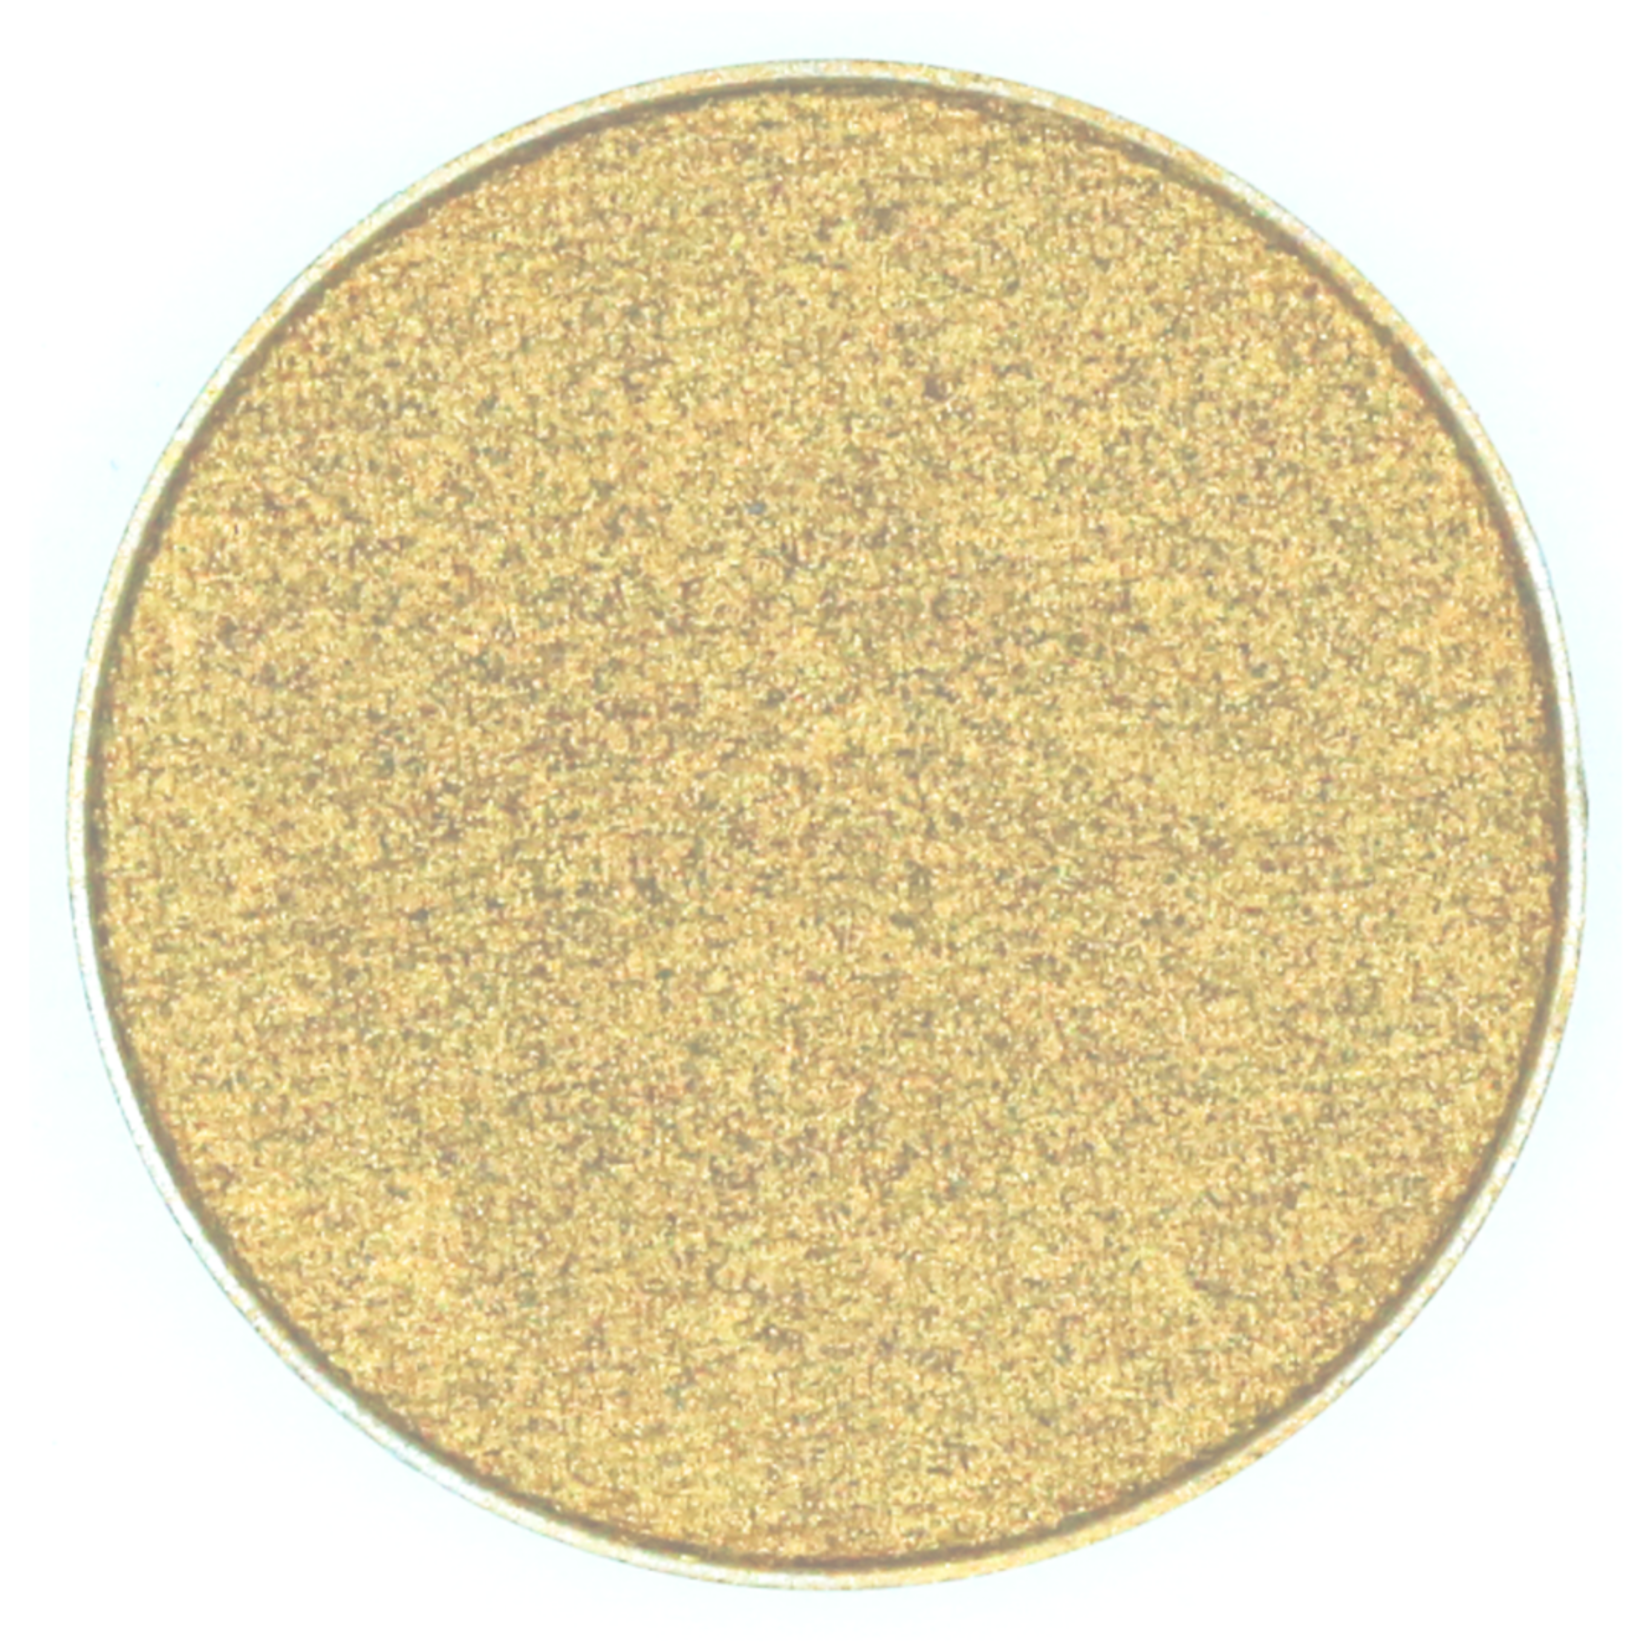 JKC EYESHADOW - Gold Fashioned